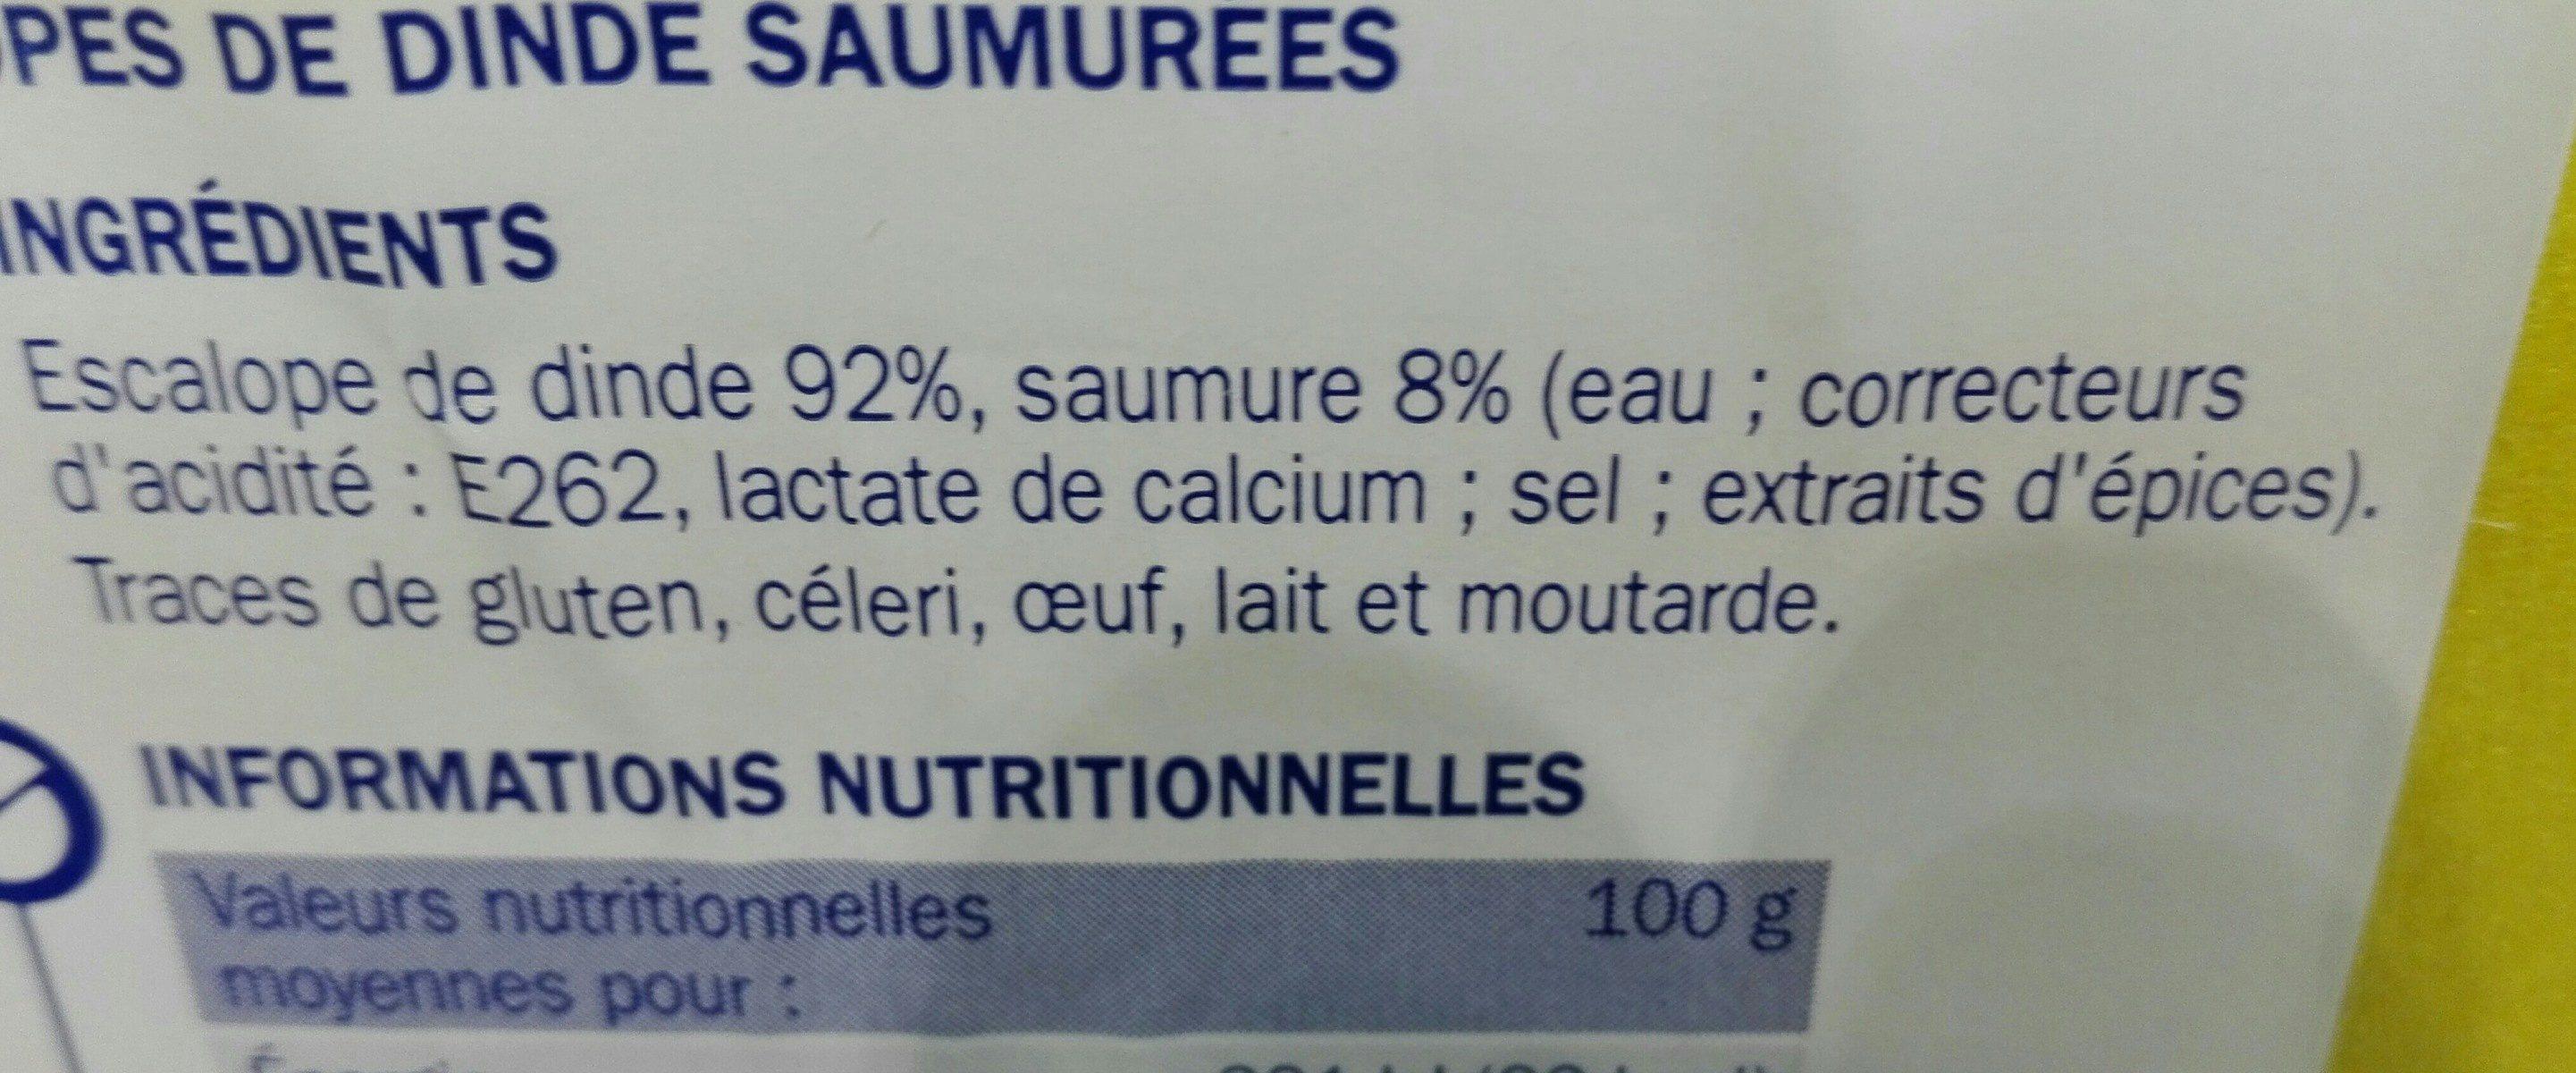 Escalopes de dinde - Ingrédients - fr